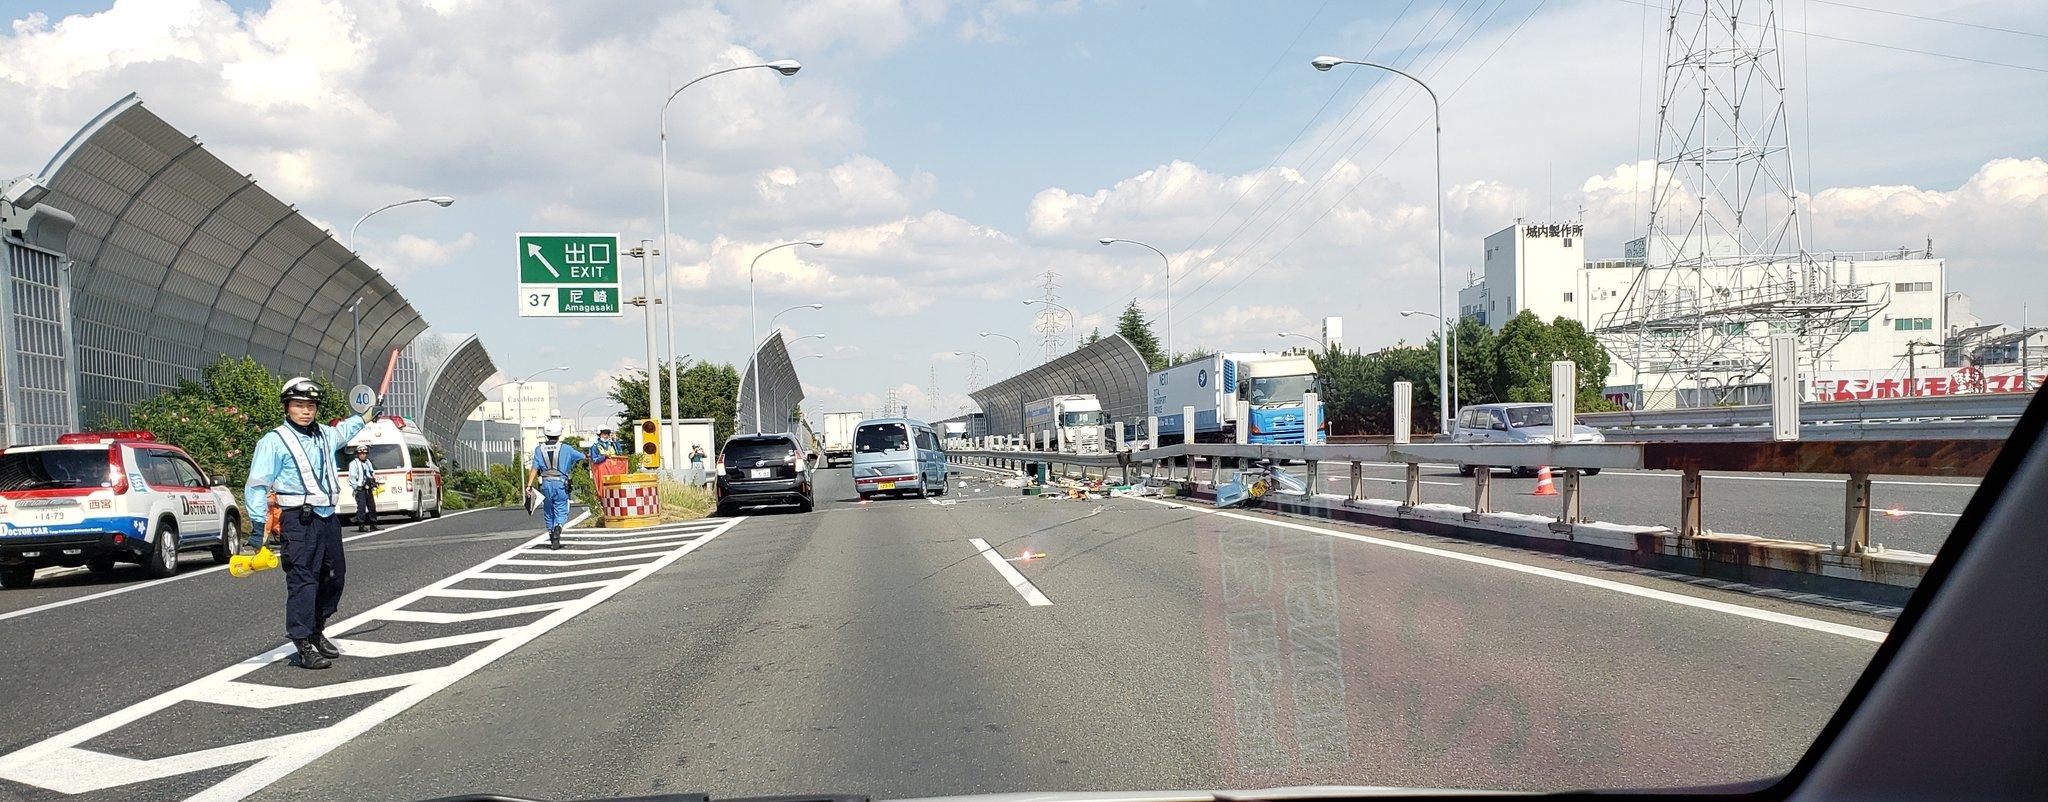 名神高速の尼崎ICで追突事故が起きた現場の画像